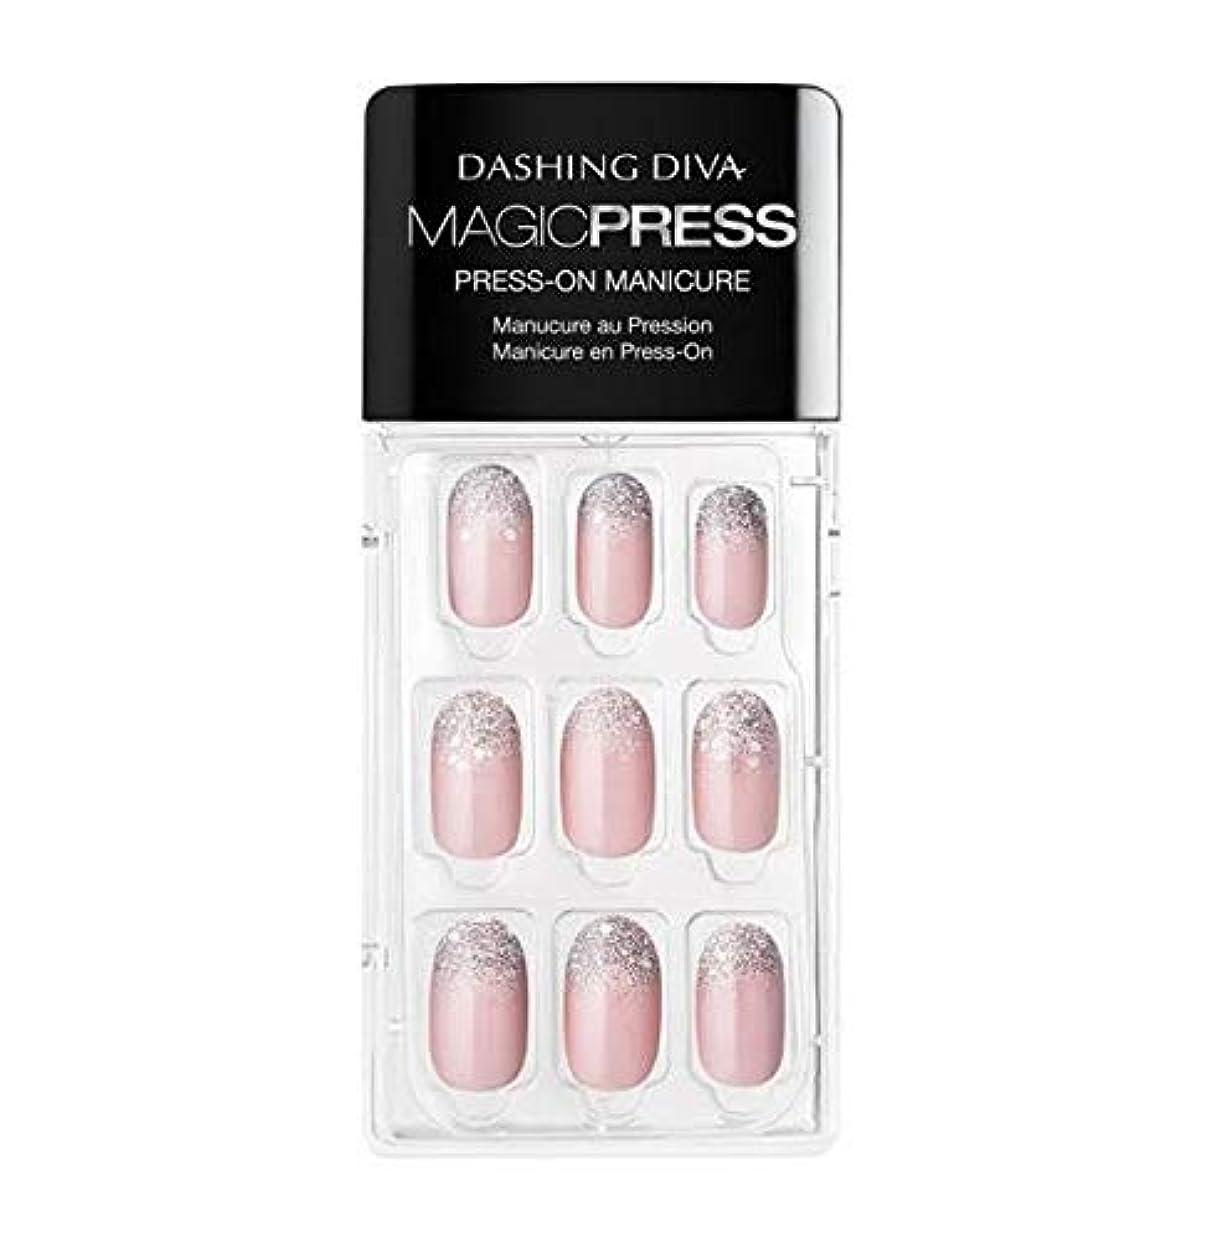 保証金ジョージエリオットスキニーDashing Diva - Magic Press - Press-On Manicure - Lighten up - 30 Pieces